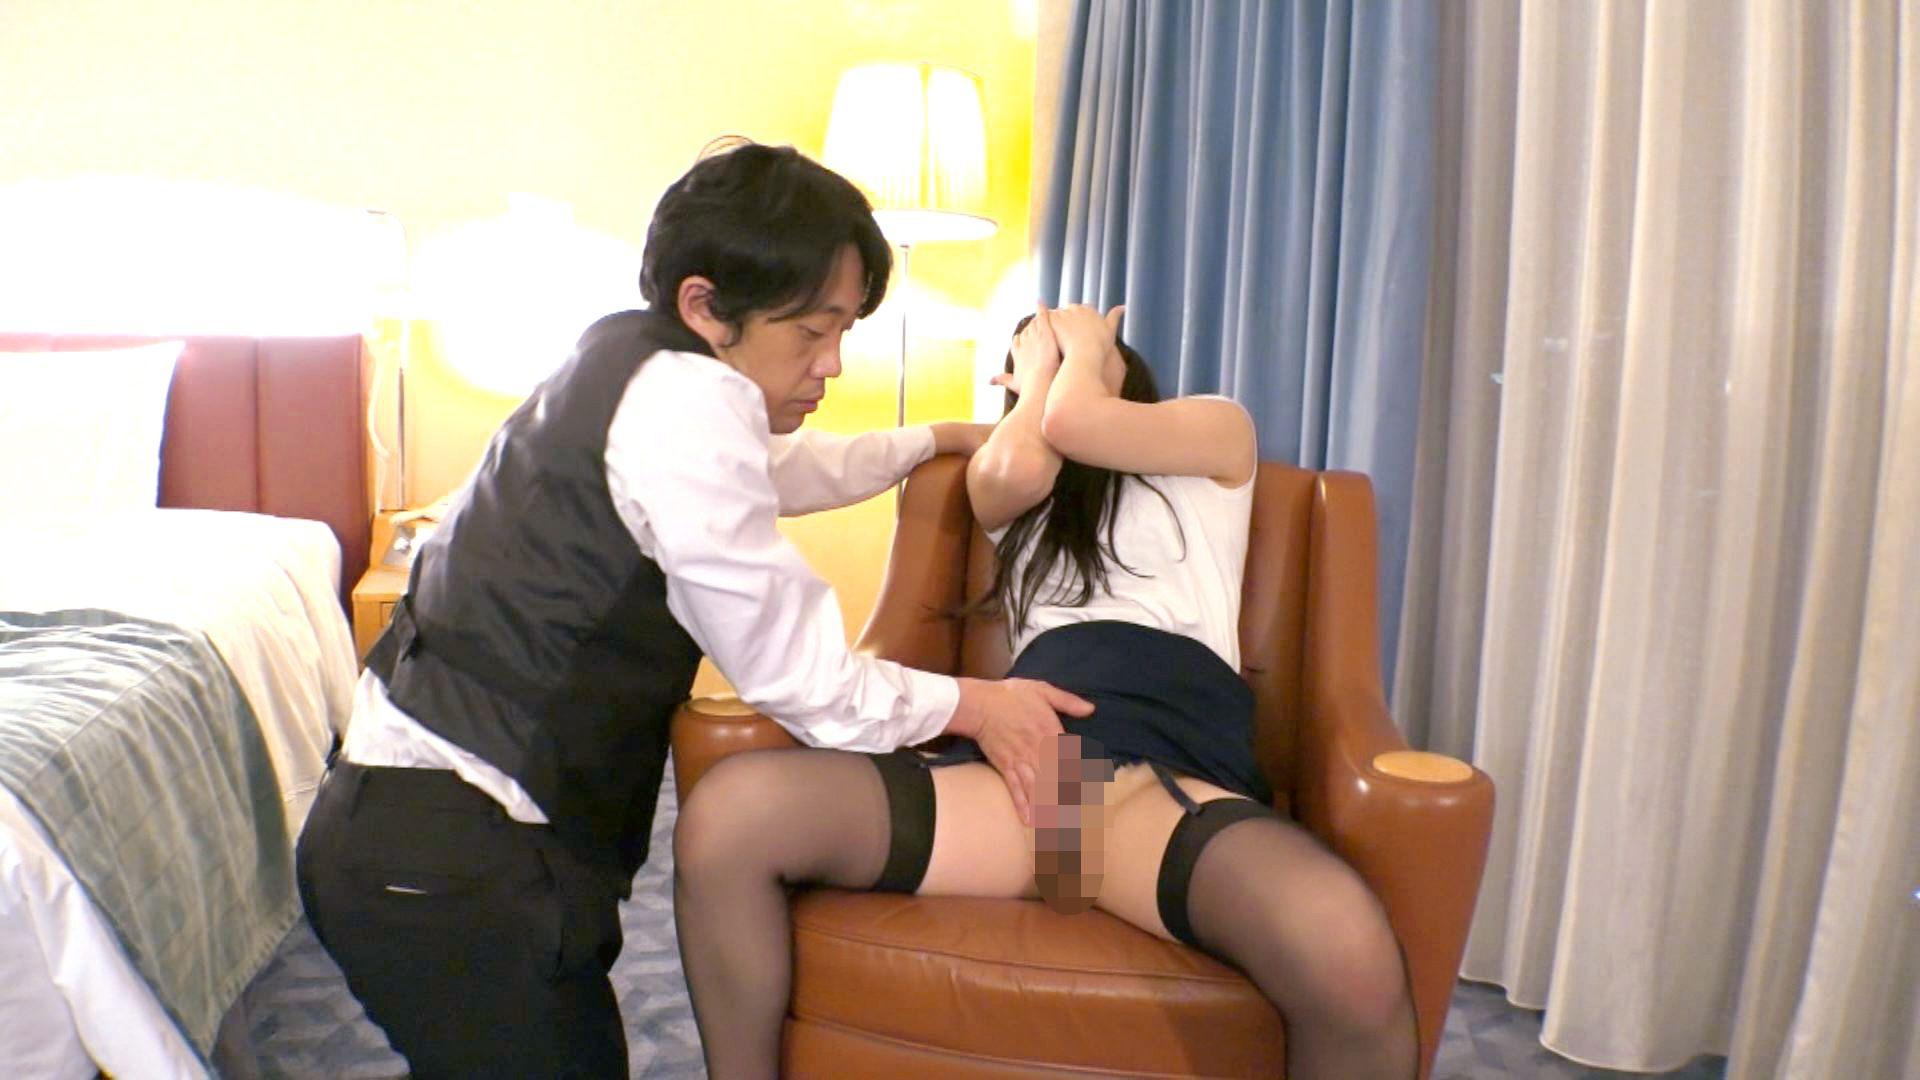 【センズリ鑑賞若妻動画】旦那より逞しいチンポに欲情した